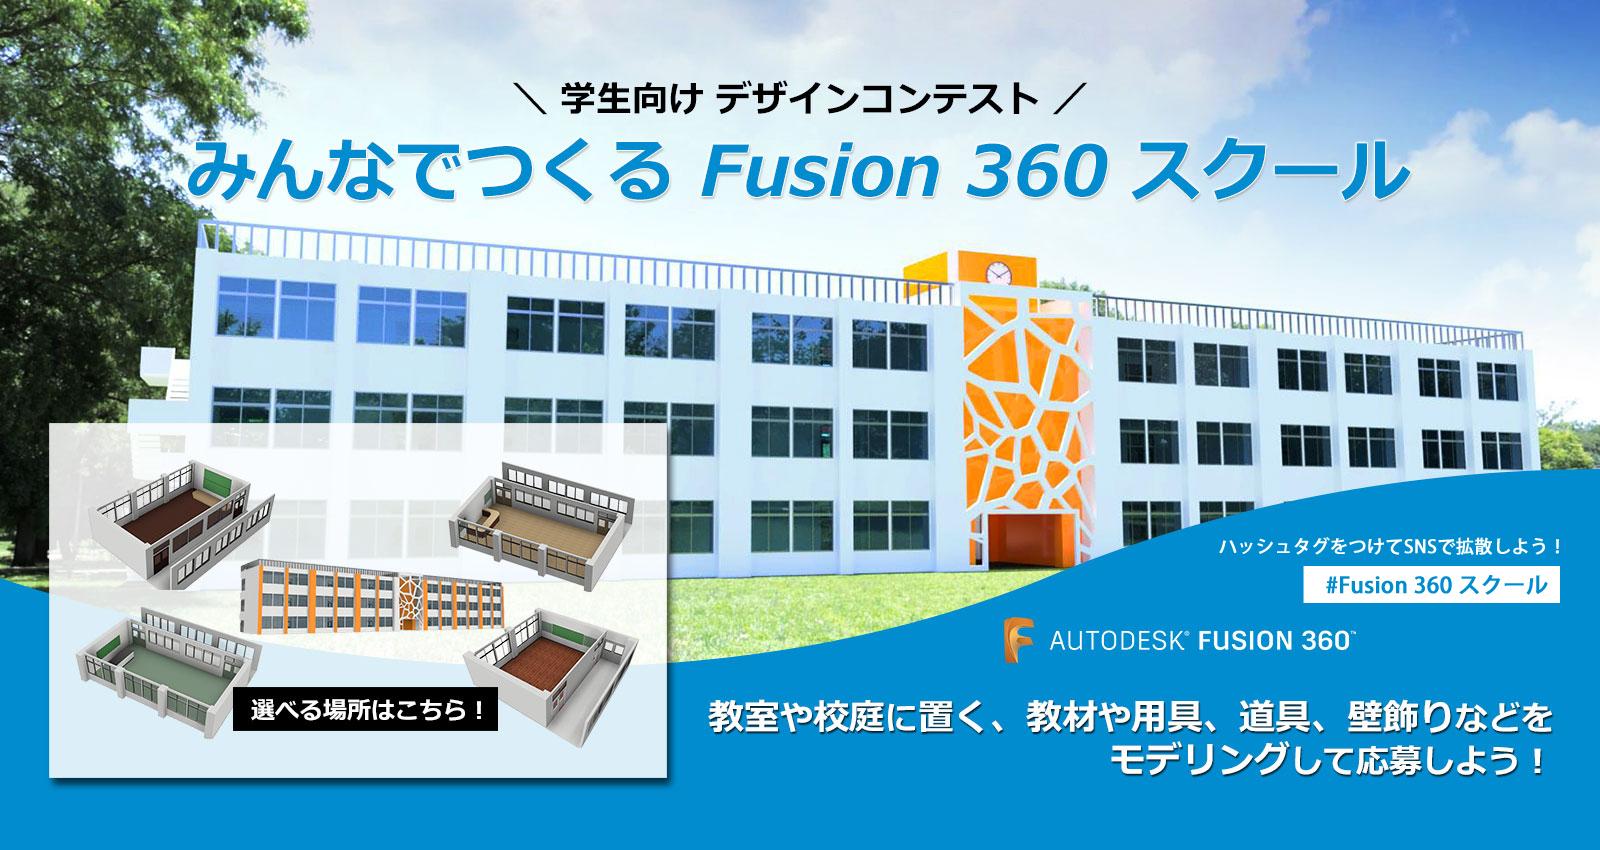 学生向けデザインコンテスト2018 みんなで建てる Fusion 360 Shool